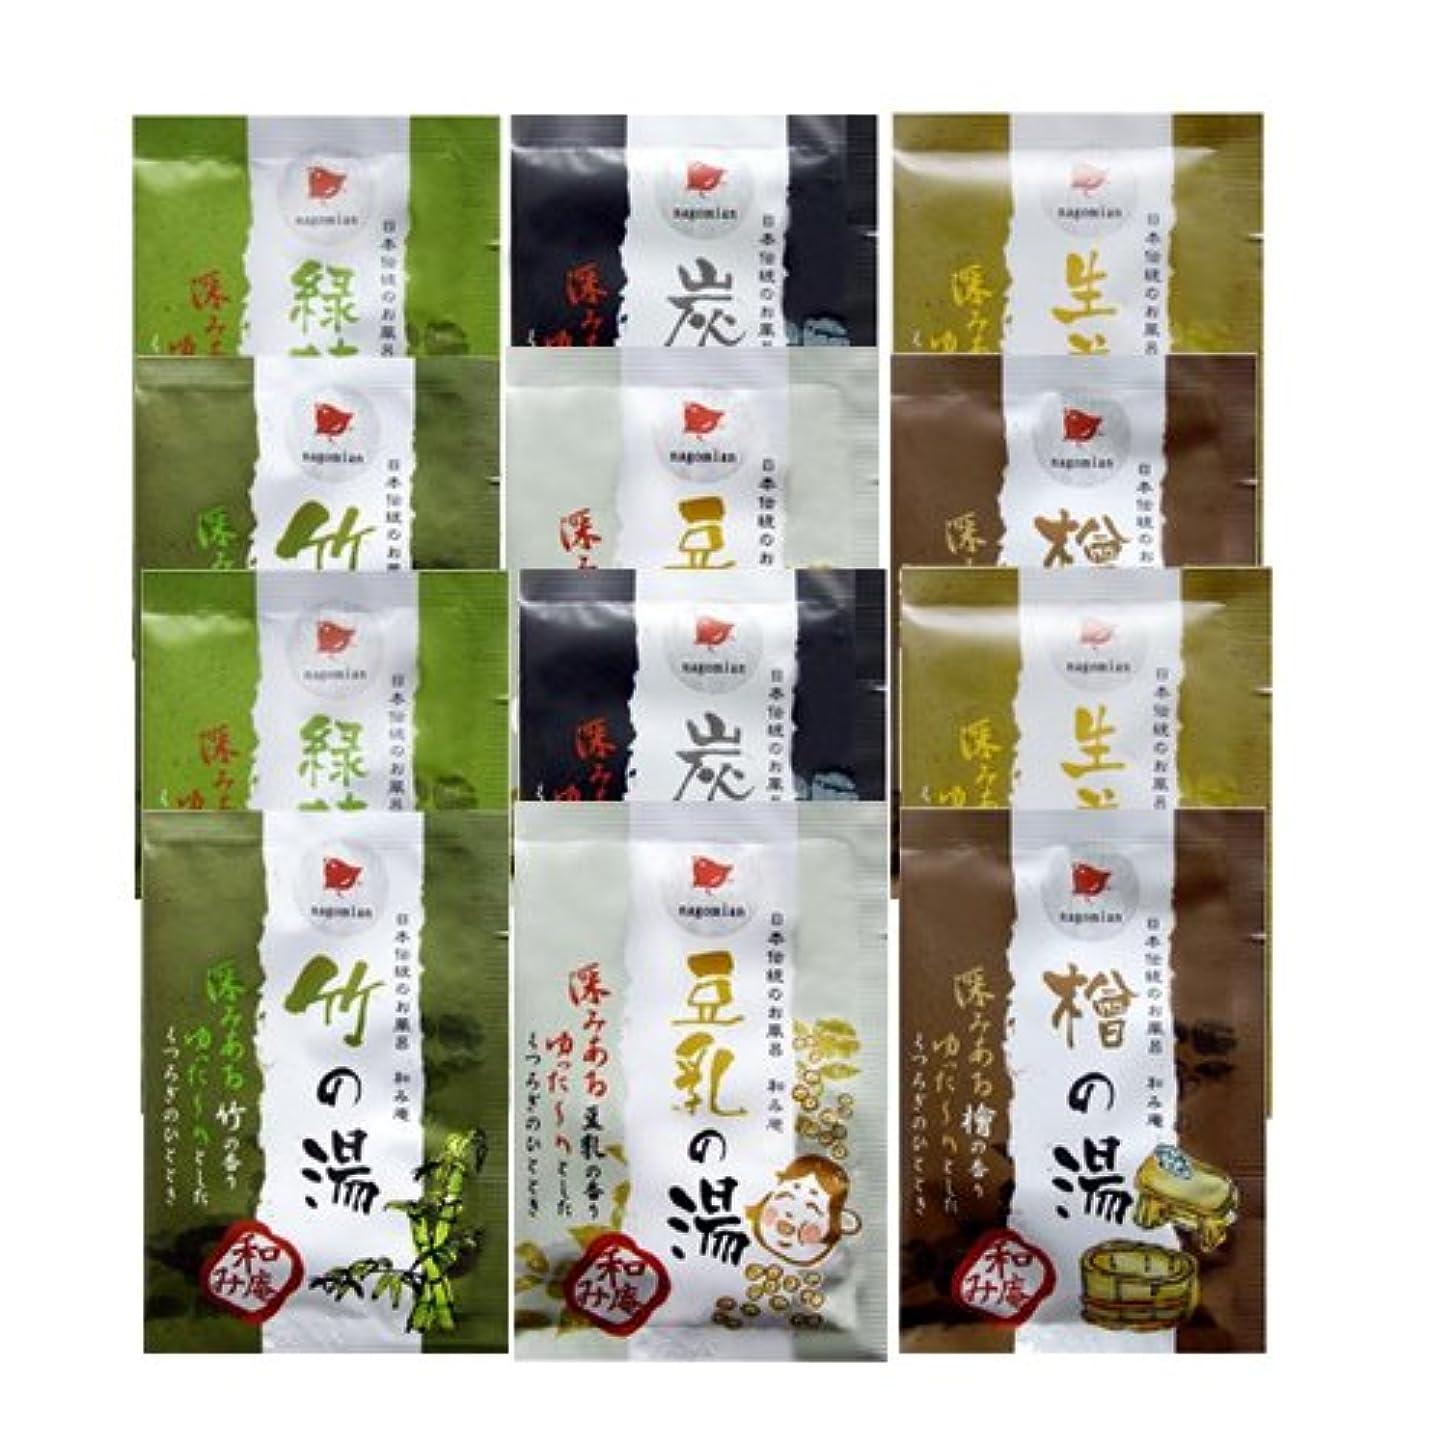 旧正月消化器スイッチ日本伝統のお風呂 和み庵 6種類×2個セット(計12包)